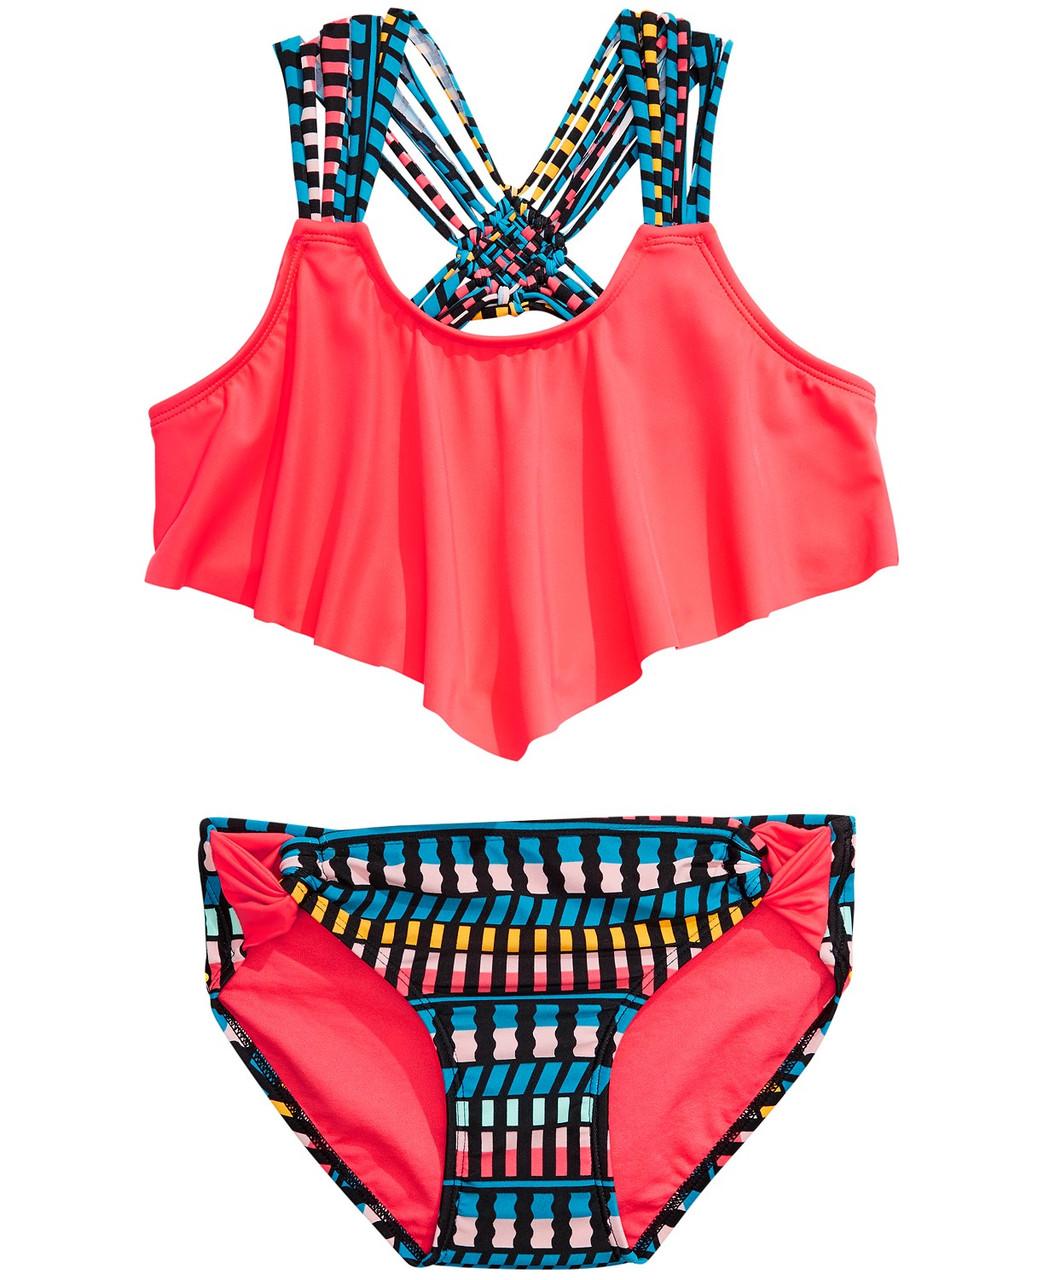 Summer Crush Детский купальник для девочек 2000000411439